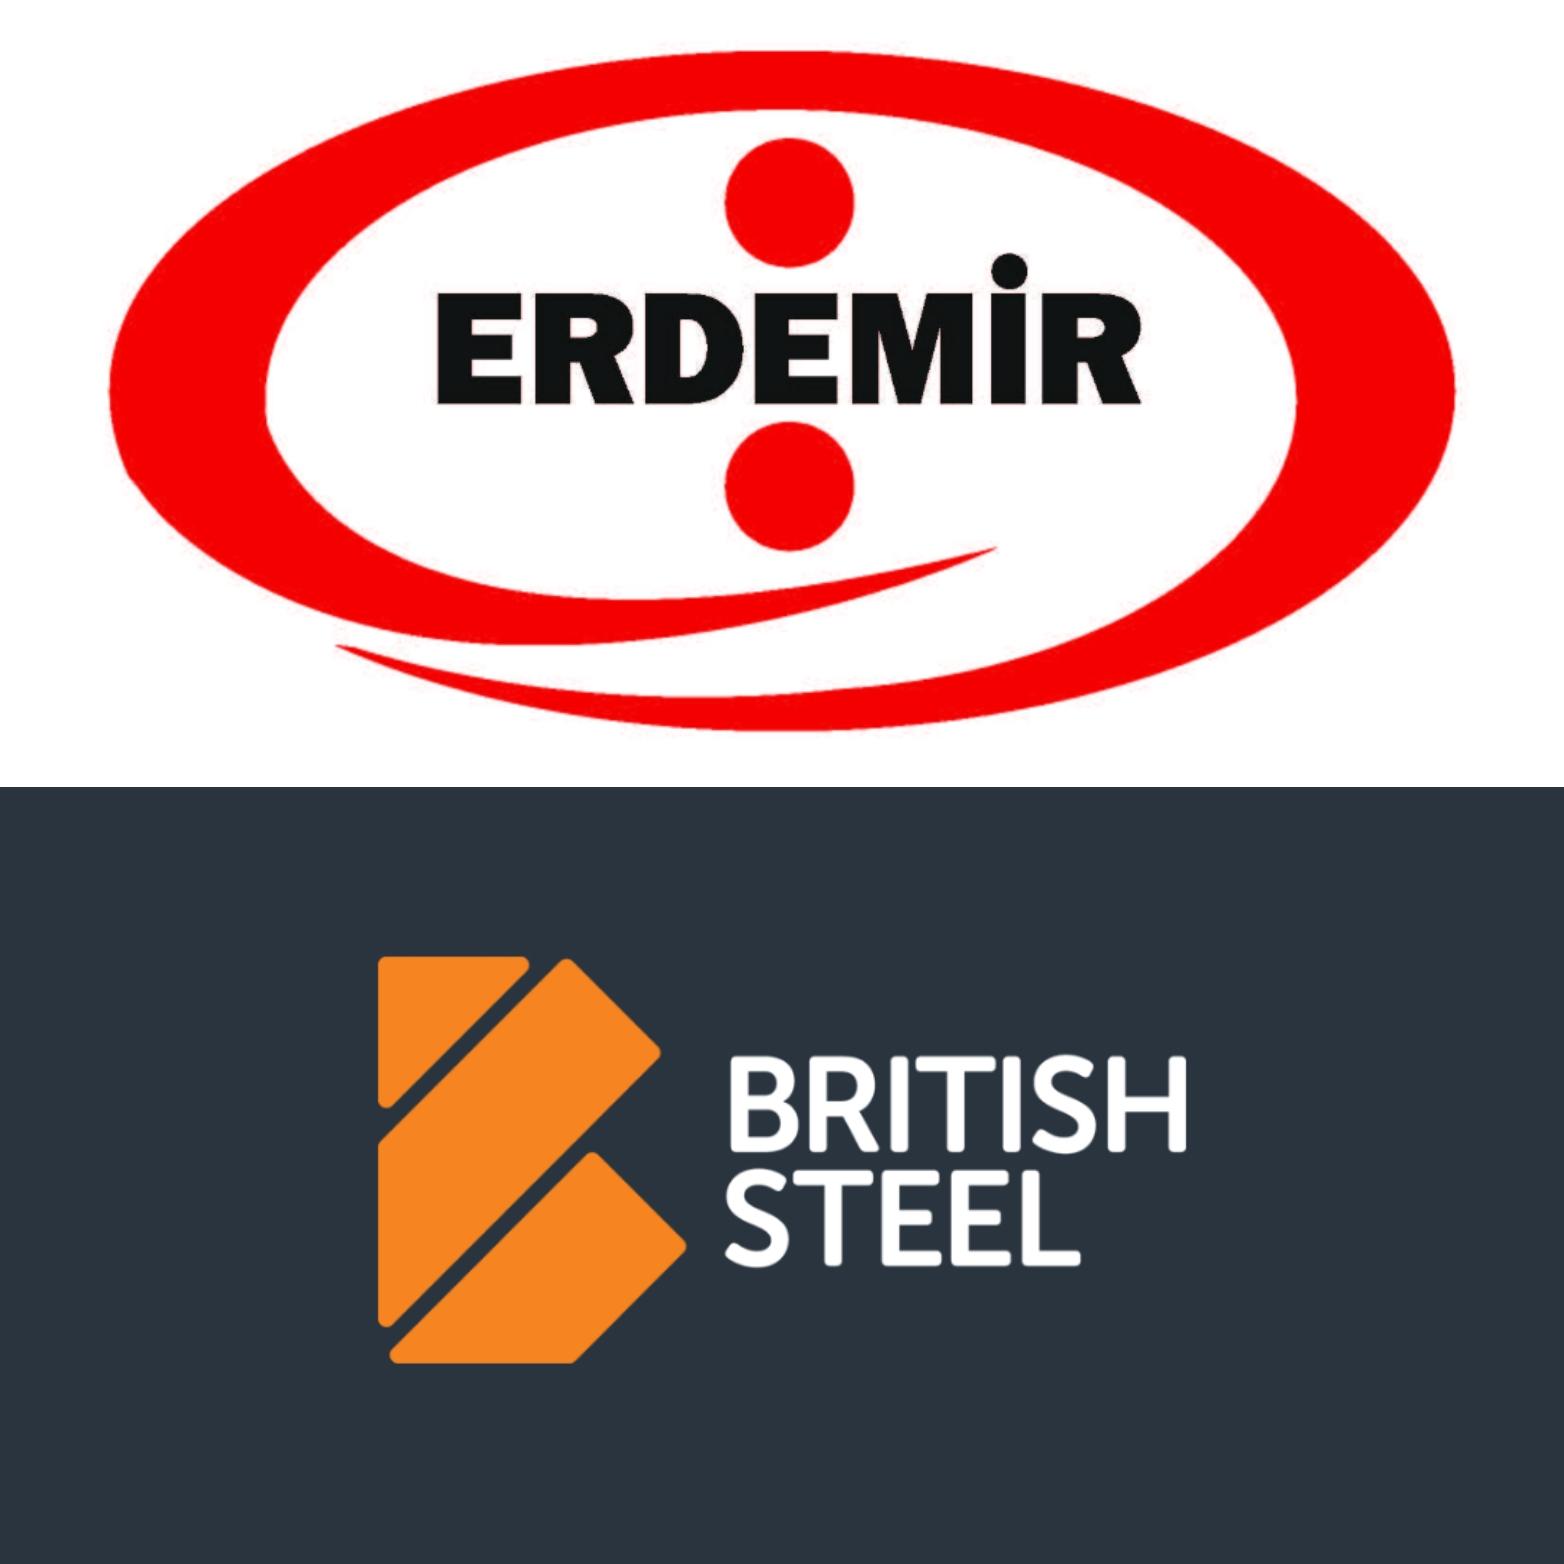 فولادساز ترکیه ای در حال نهایی کردن خرید بریتیش استیل